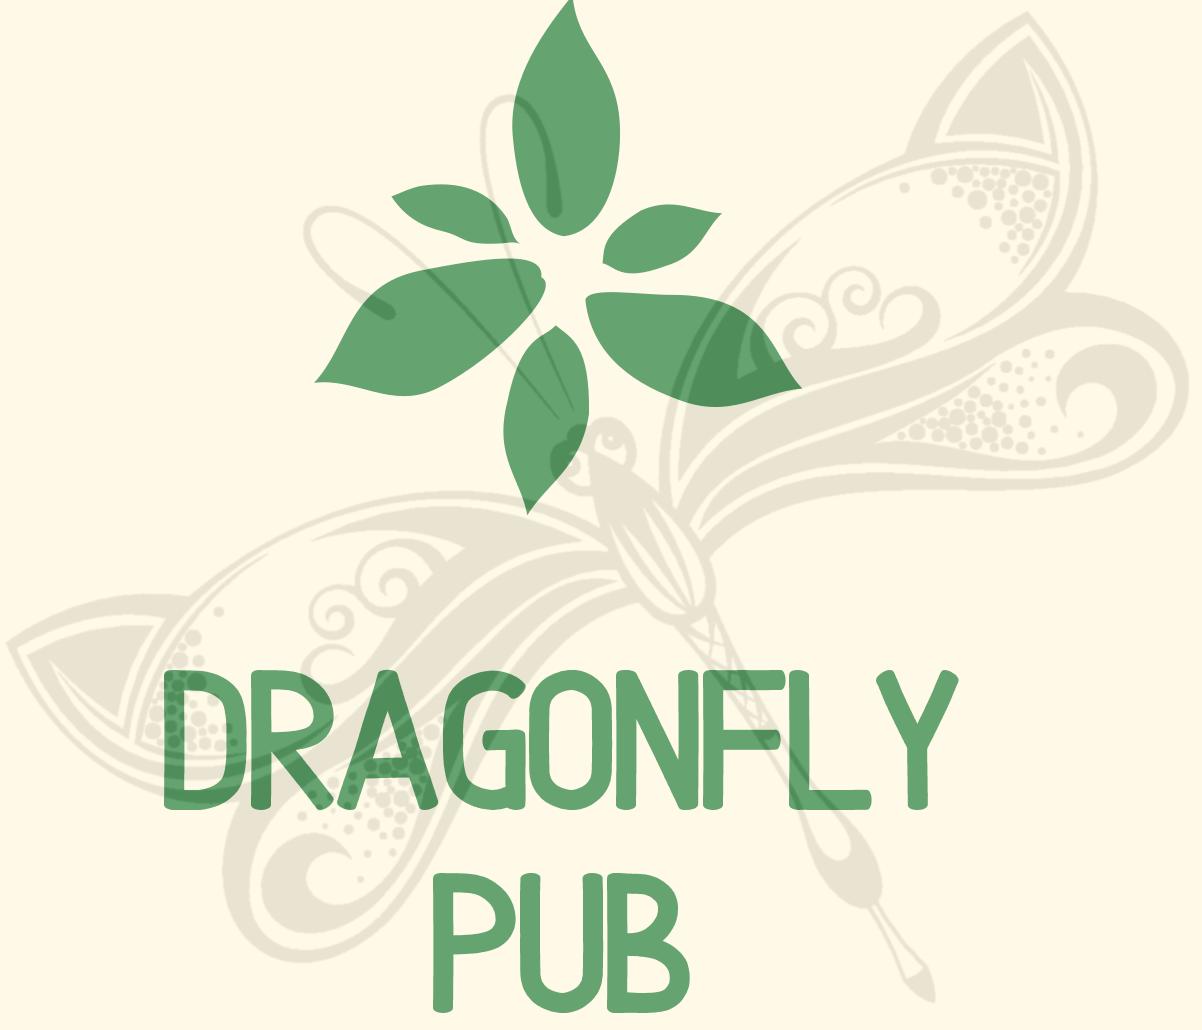 Dragonfly Publishing